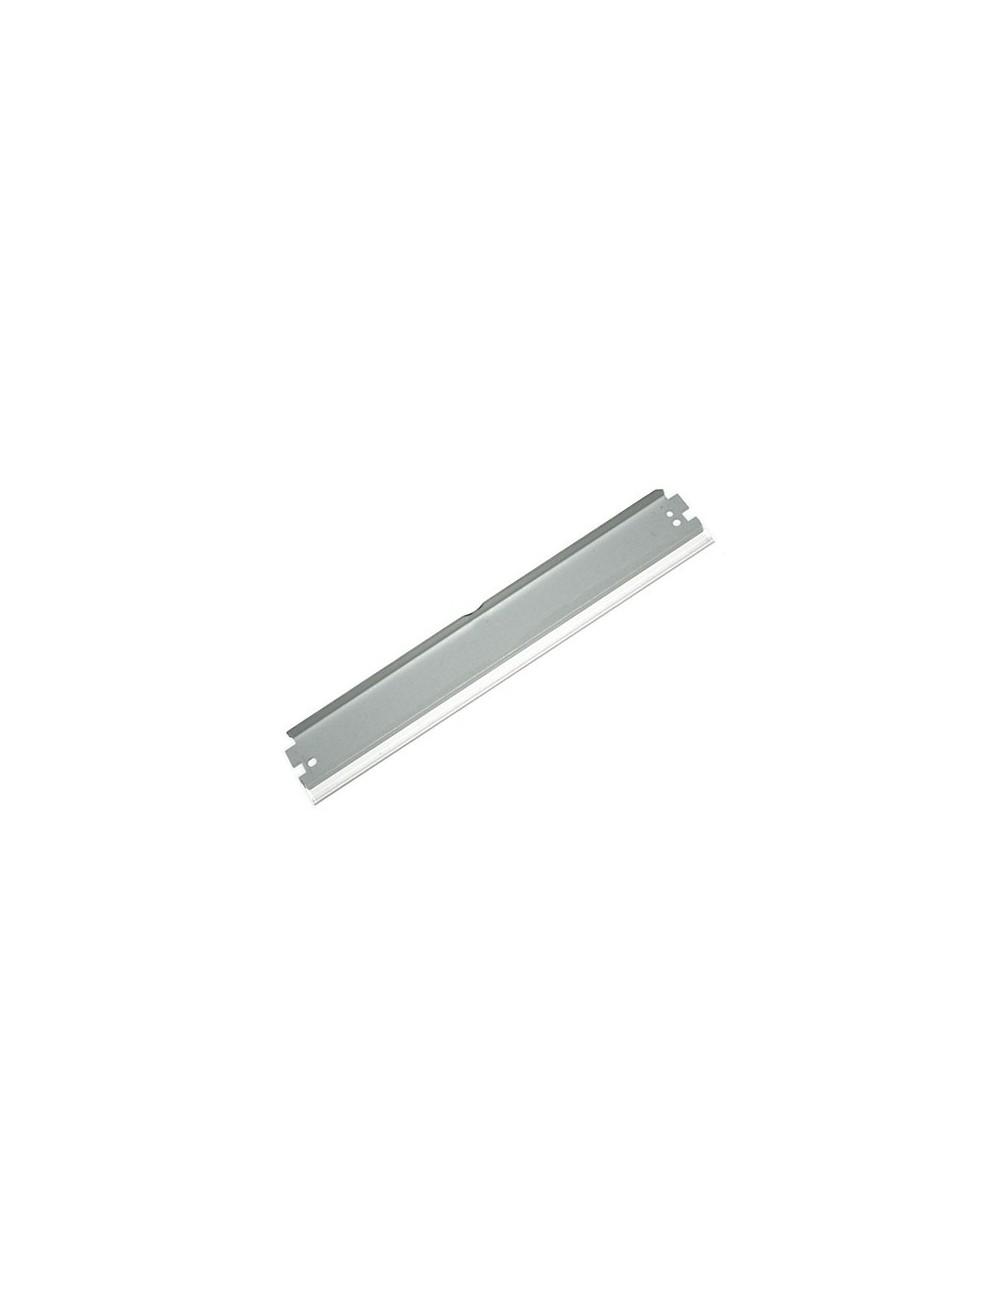 Ανταλλακτικό για toner WIPER BLADE HP 4100